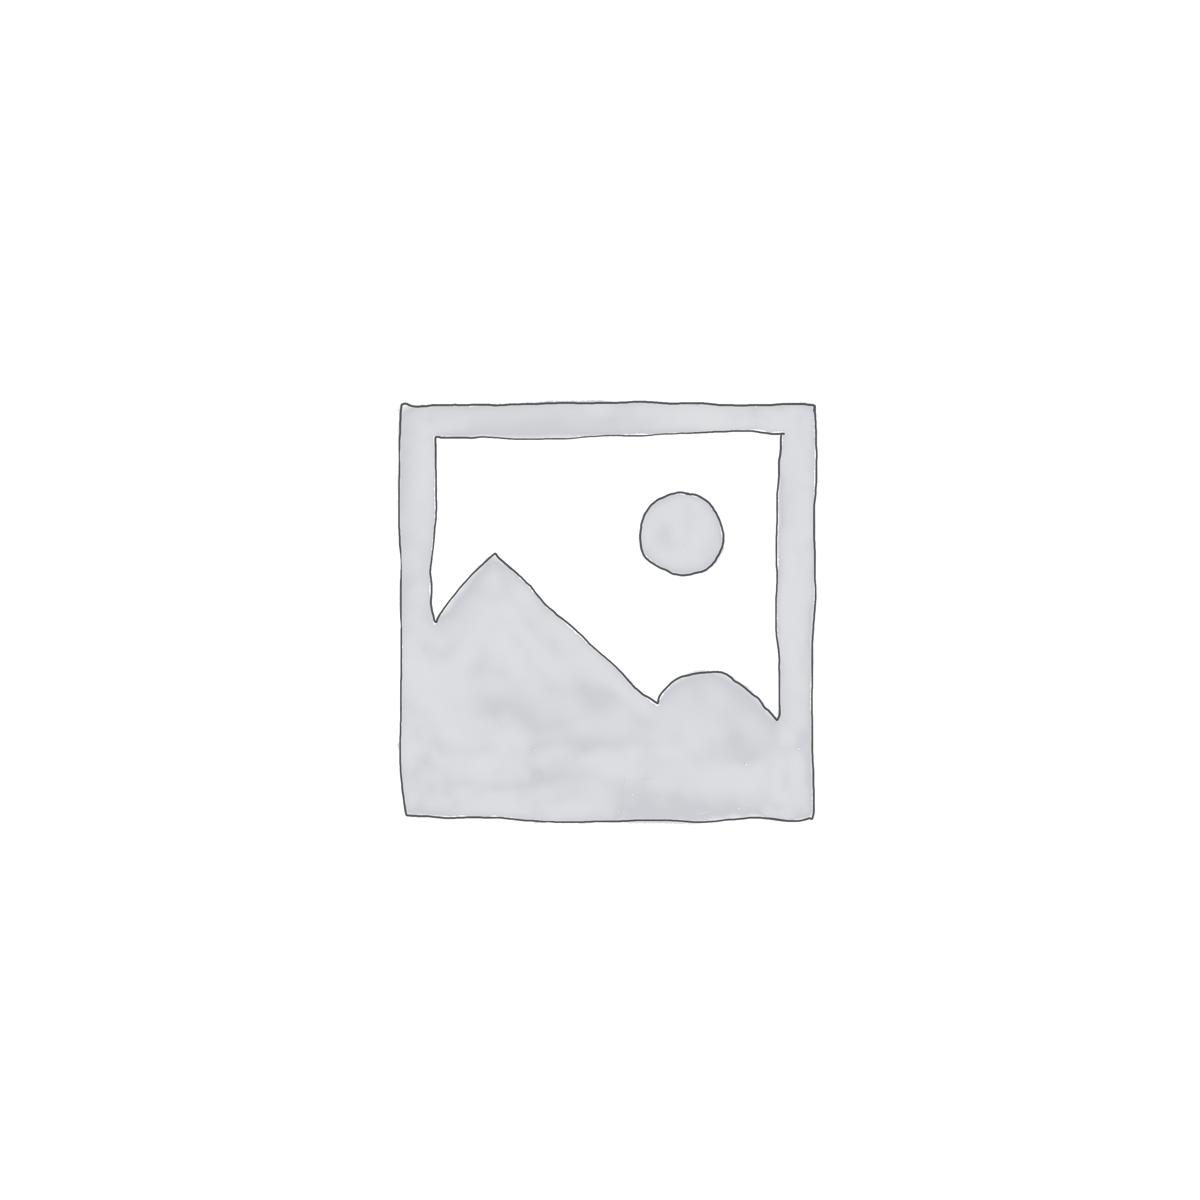 ShowUp - Glashauben, Vitrinen & Beleuchtung